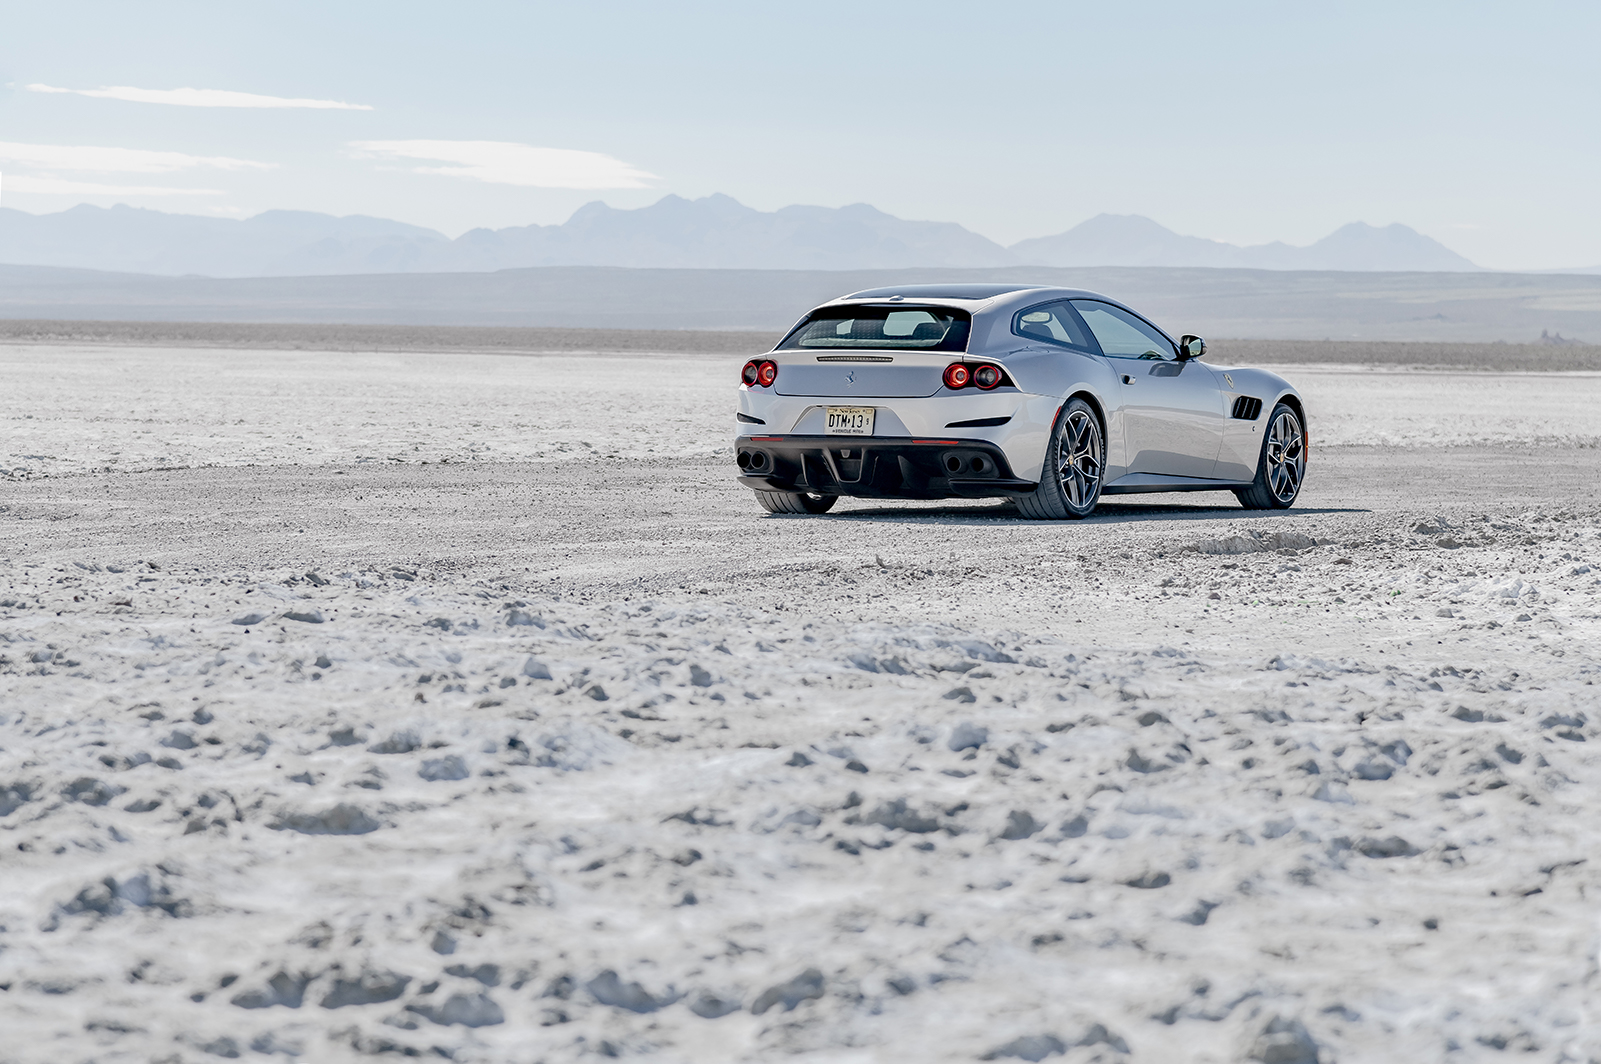 Ferrari_GTC4LussoT_003R.jpg